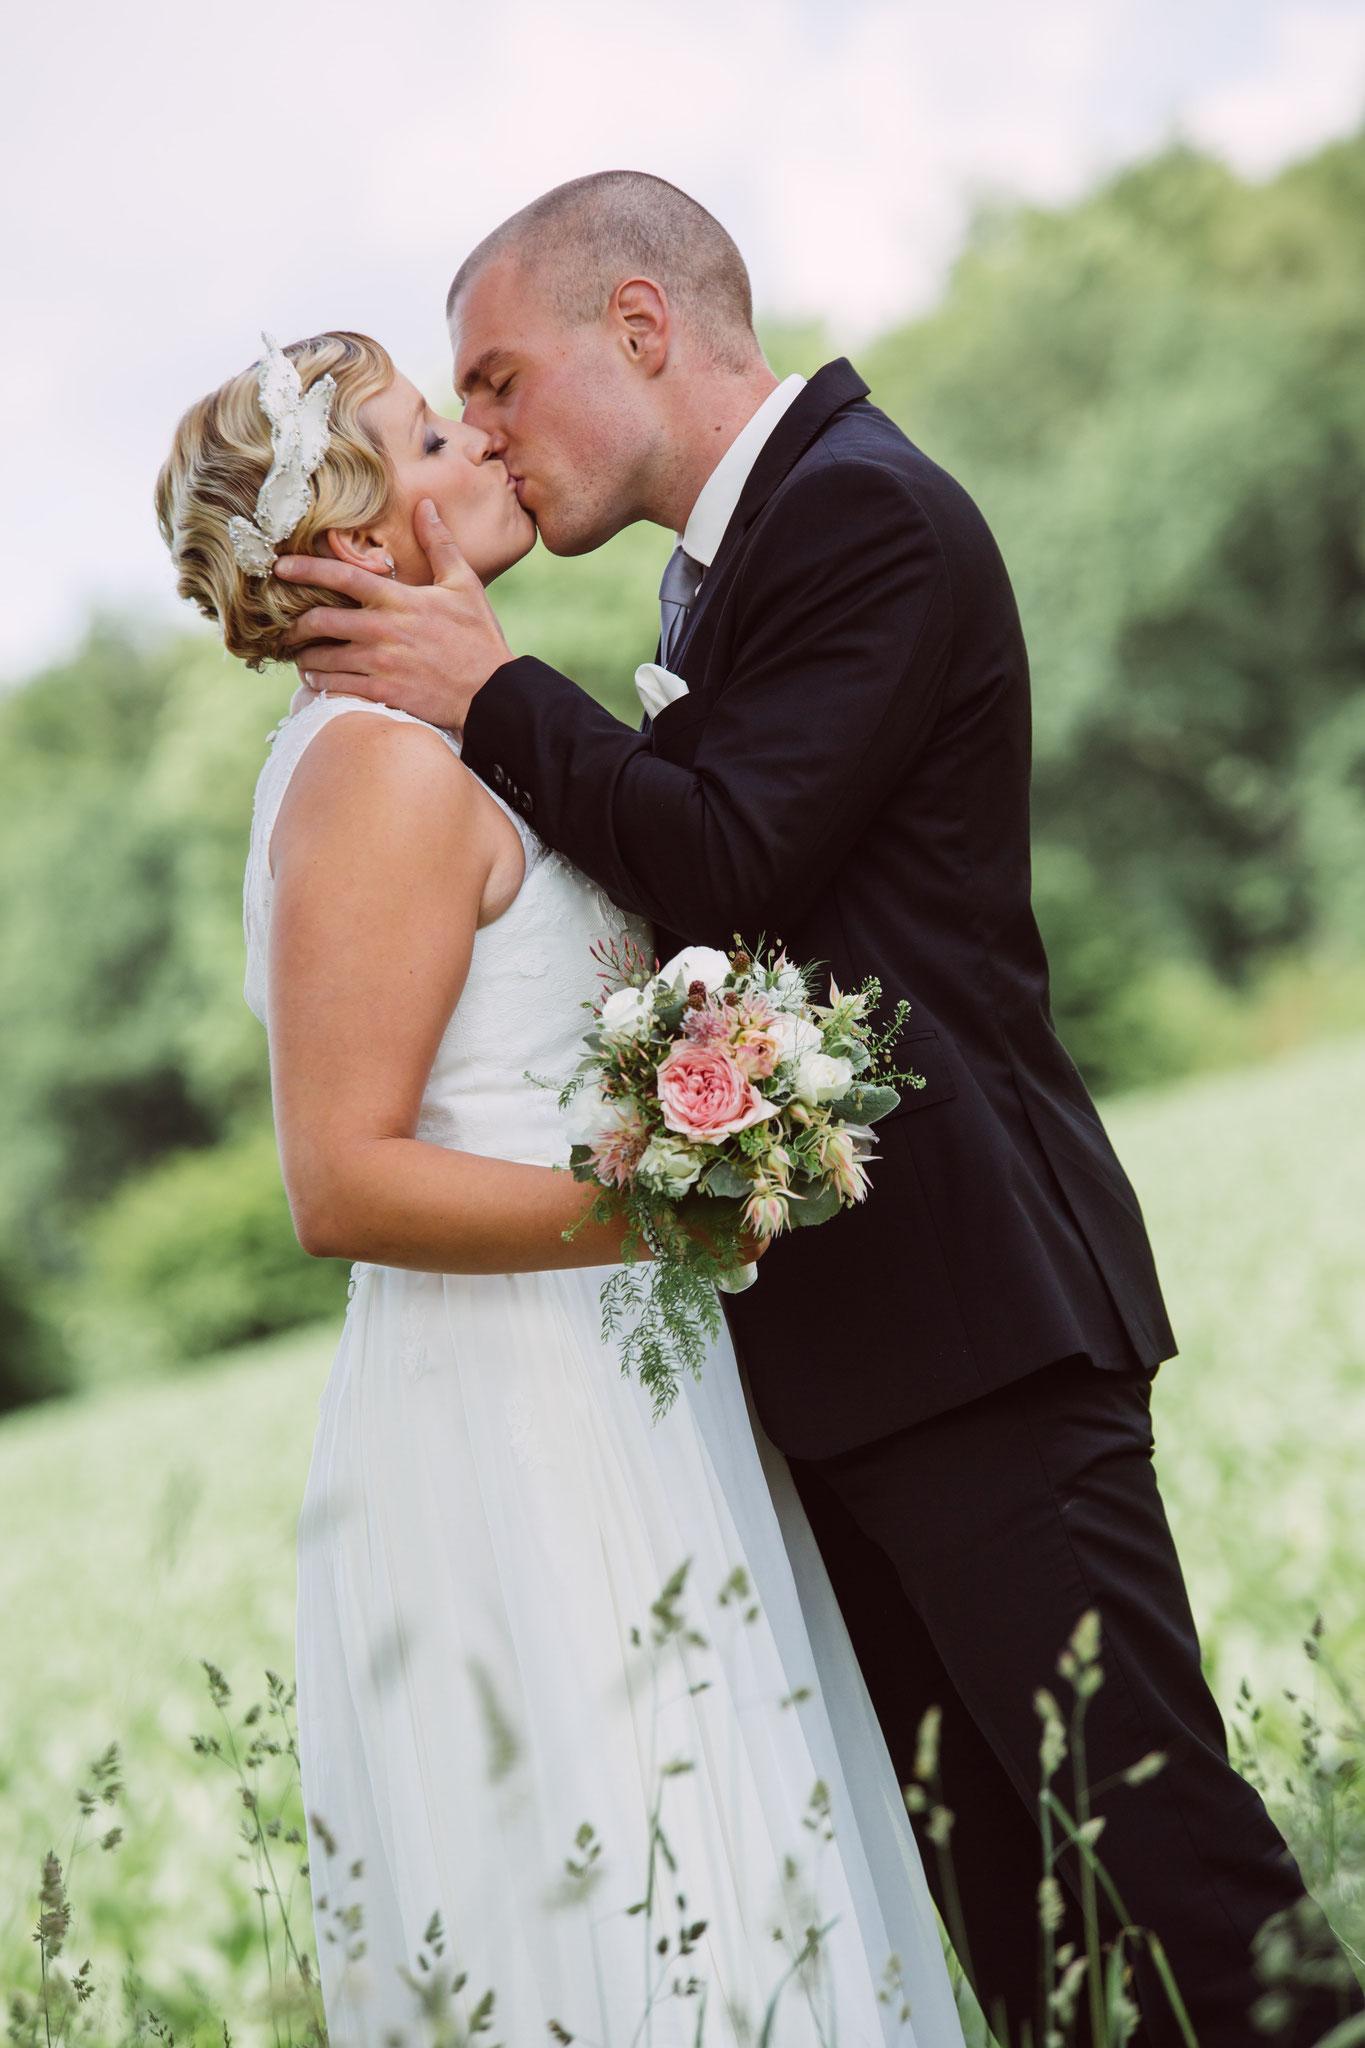 Liebe, Leidenschaft und ein Brautstrauß